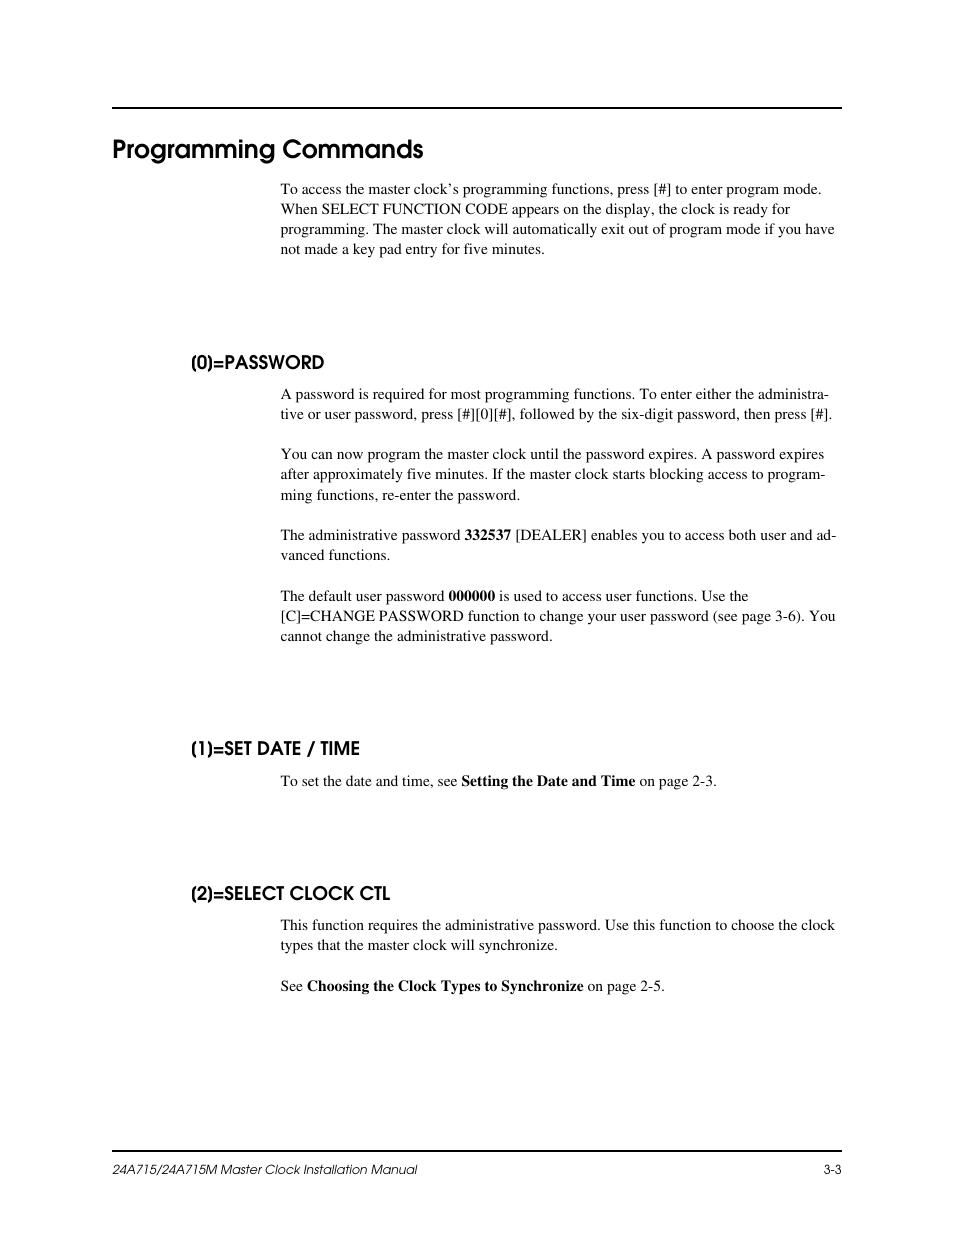 dukane master clock manual